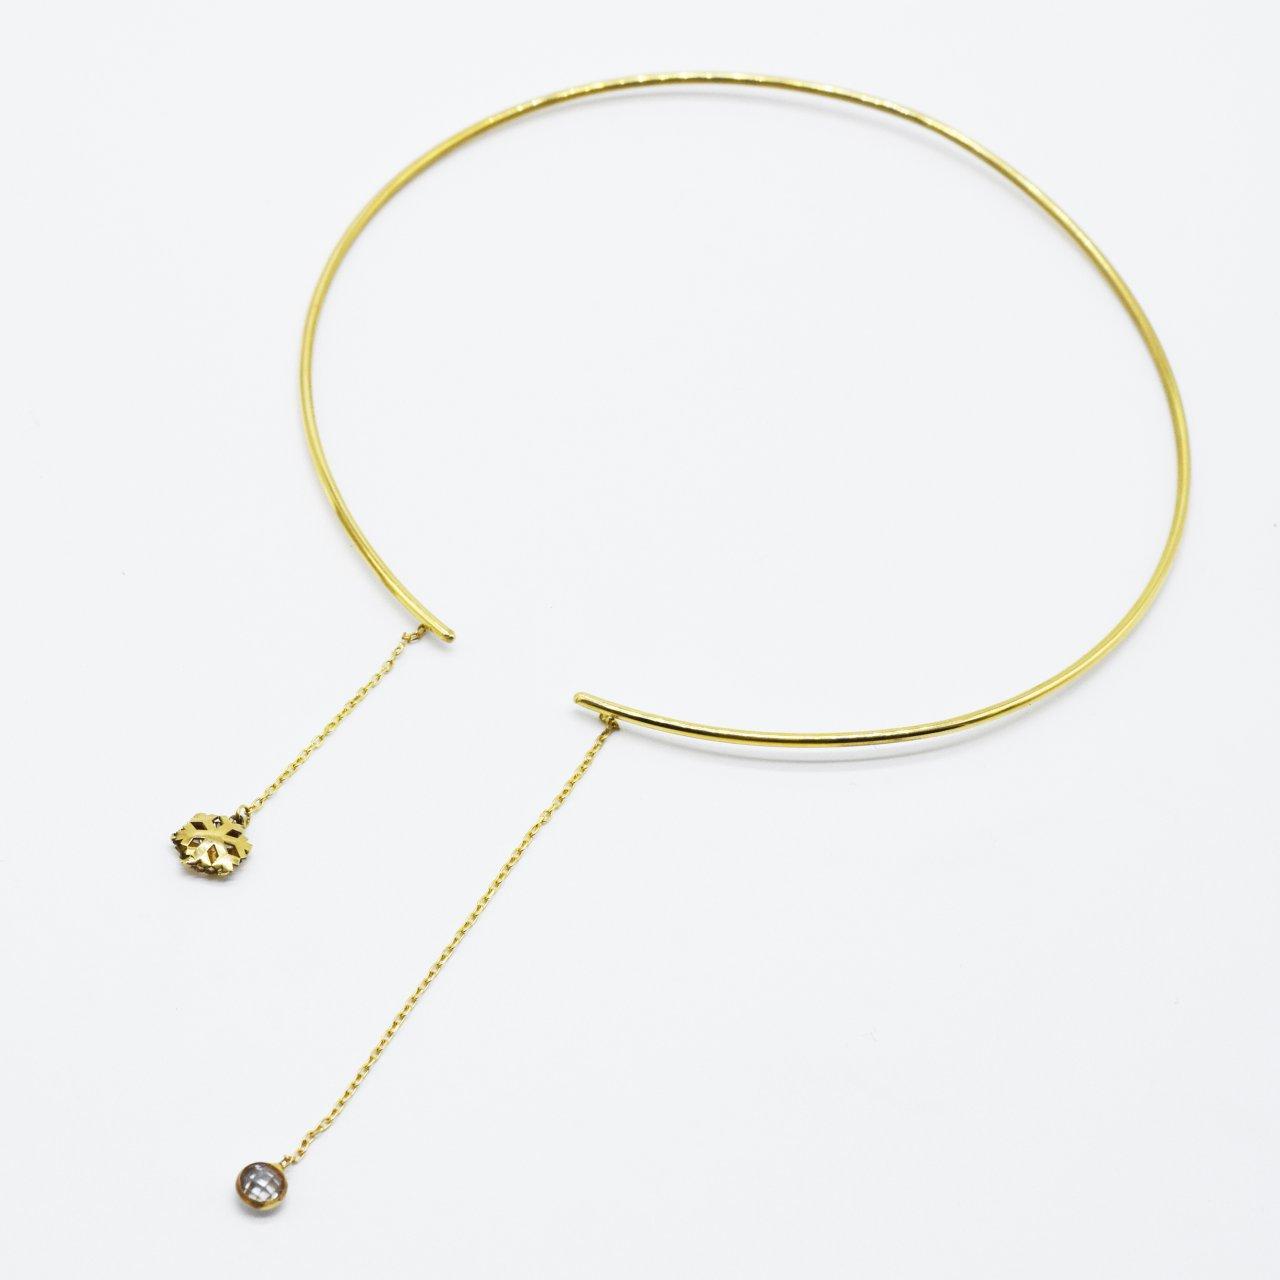 گردنبند طلا مدل چوكر ماركو